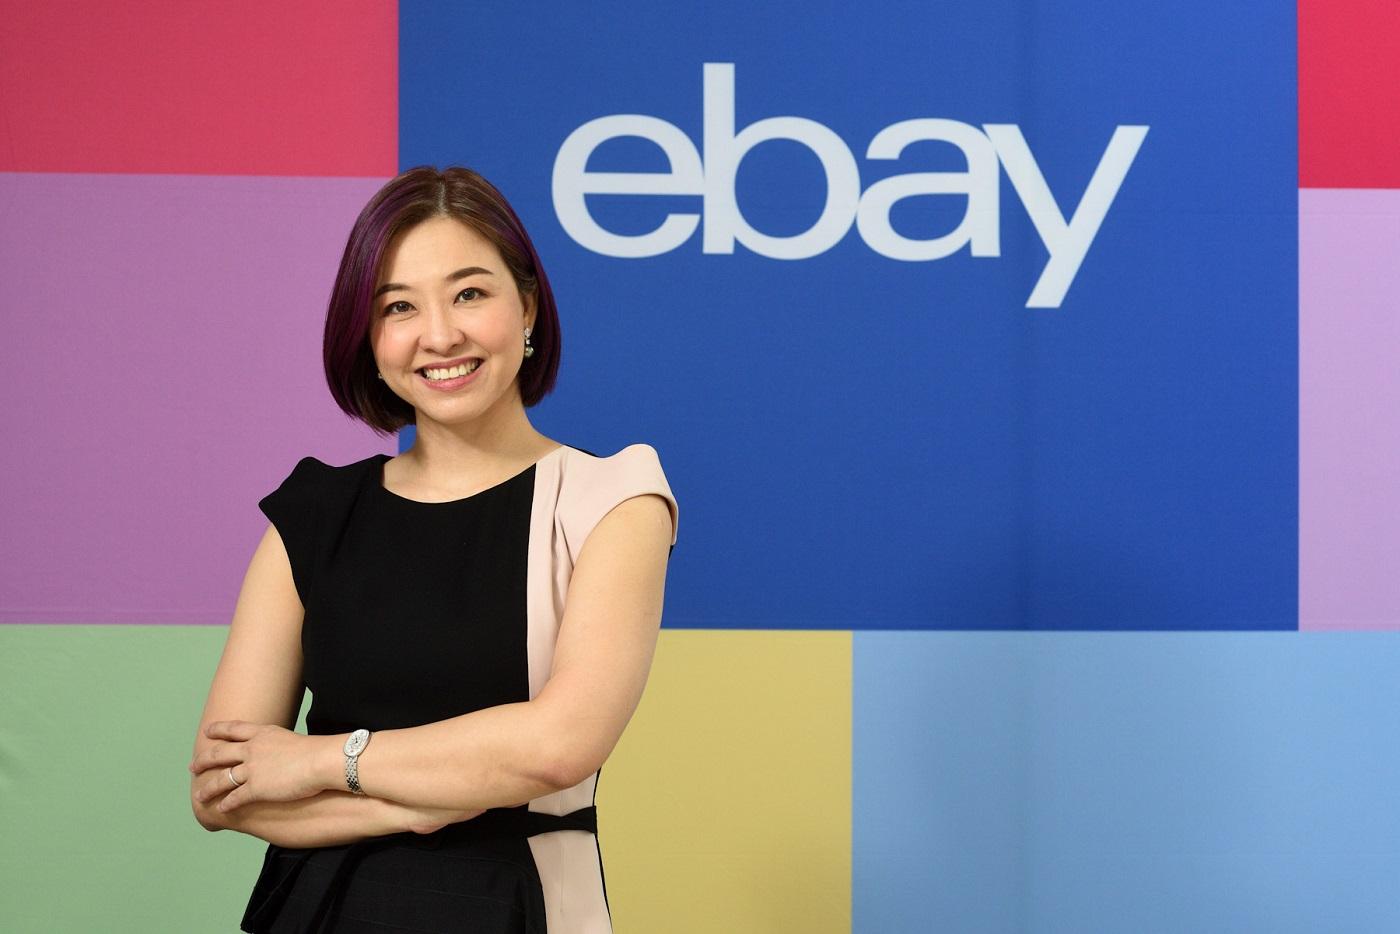 คุณรินทร์ลิตา ศรีโรจนภิญโญ หัวหน้าฝ่ายการตลาด อีเบย์ ประเทศไทย